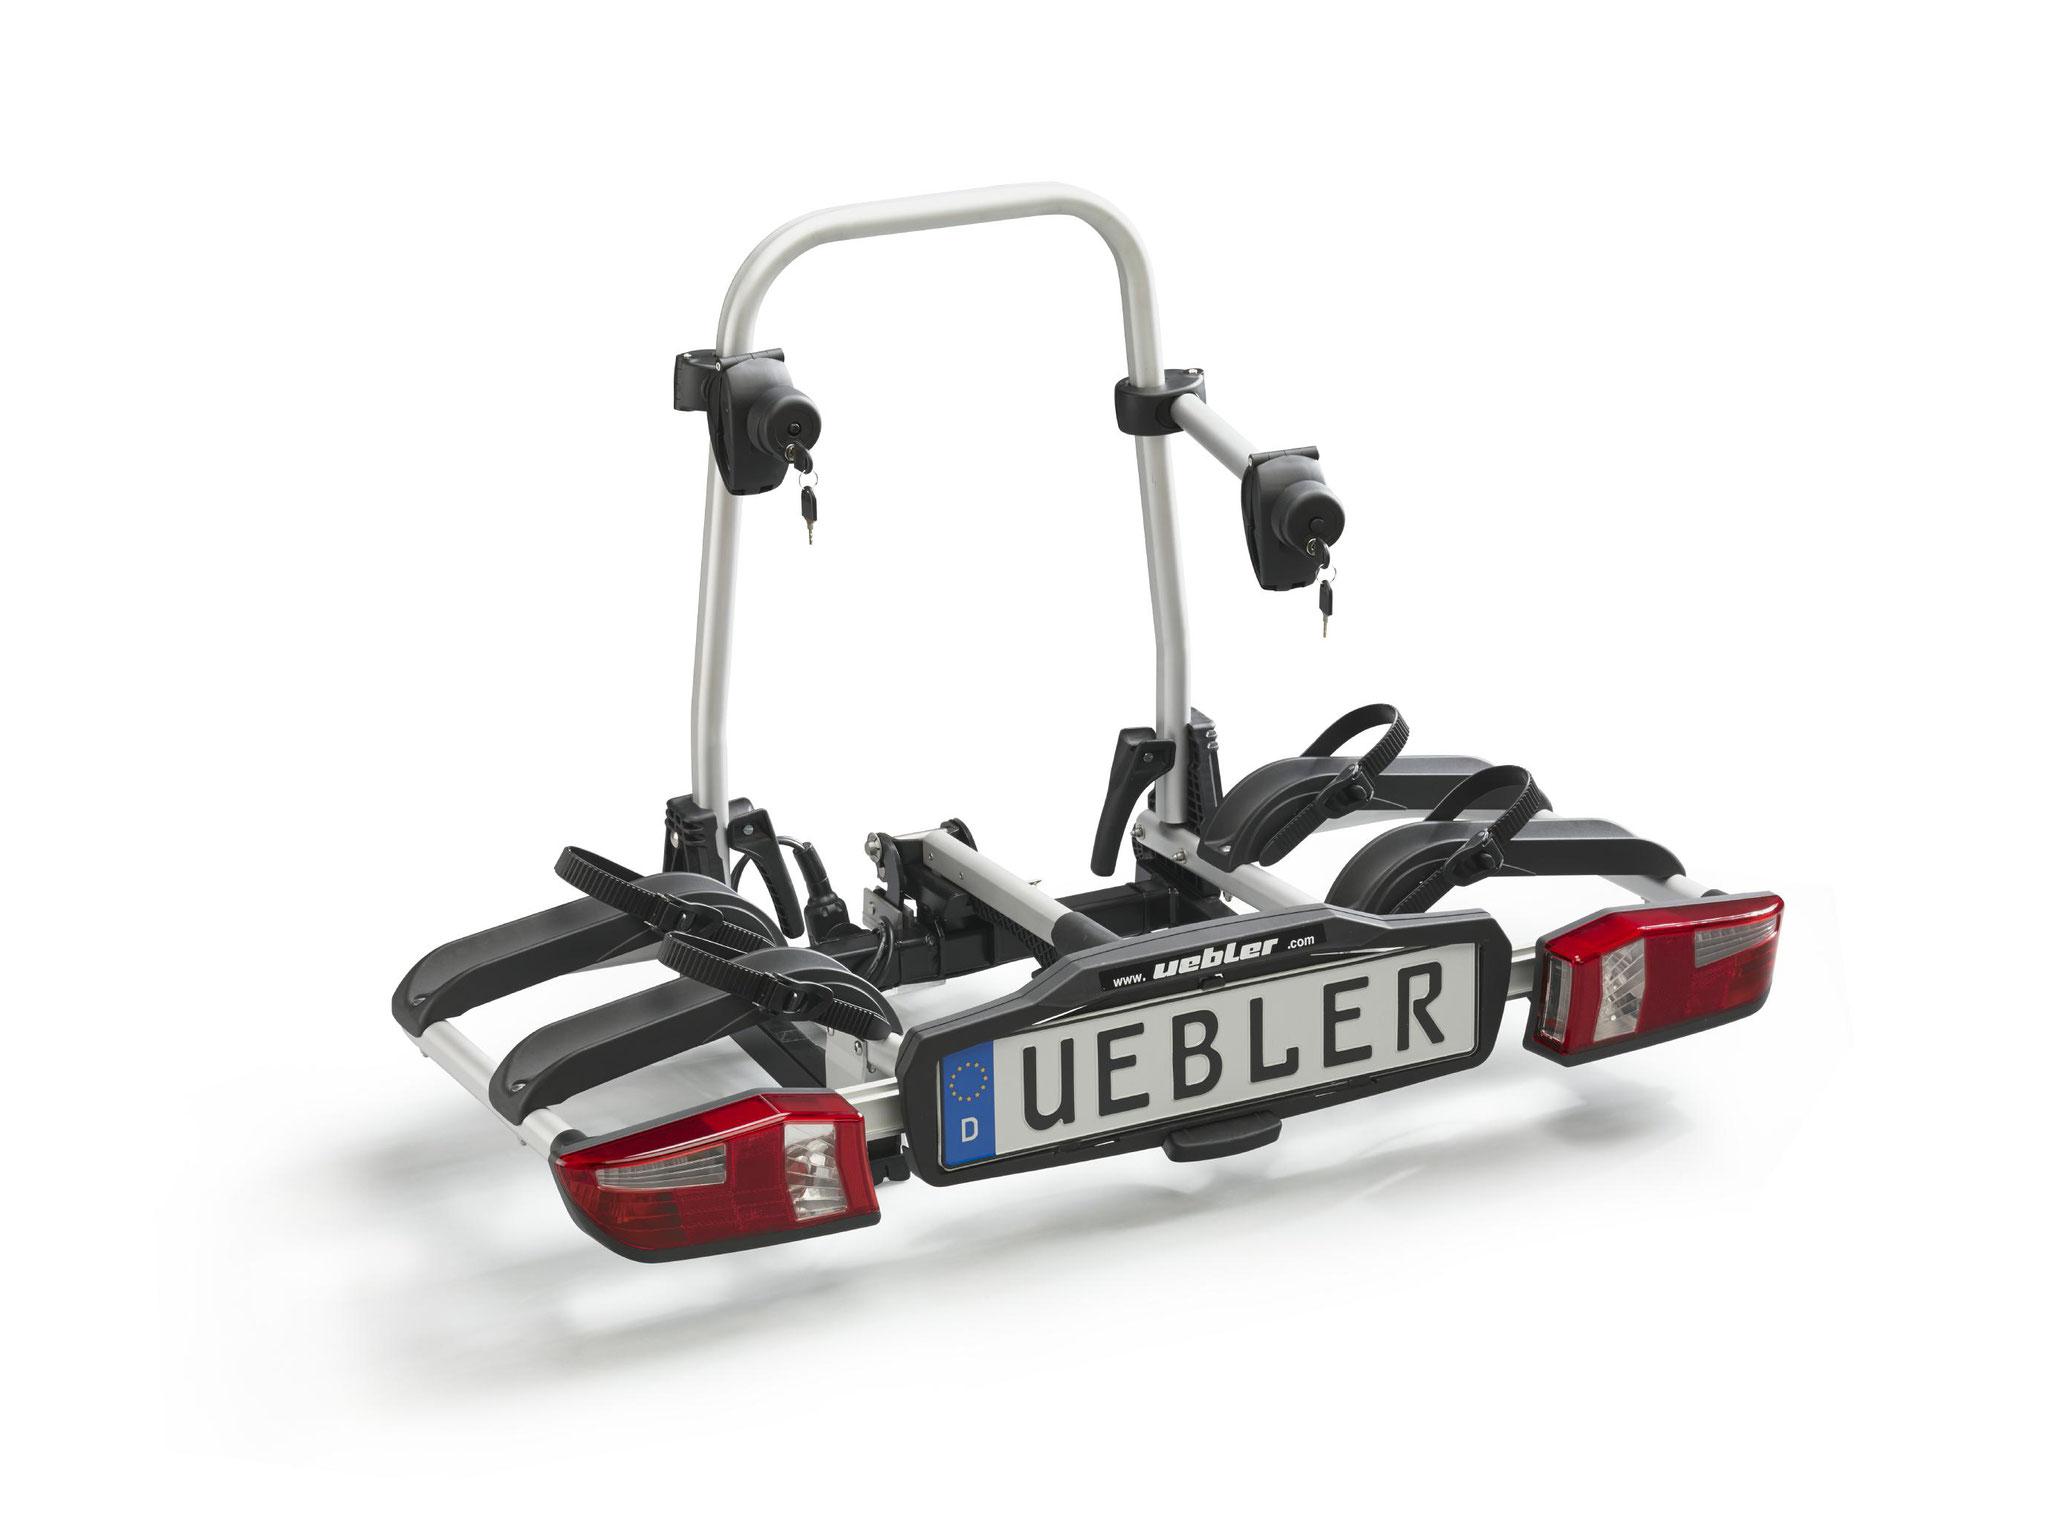 Uebler Fahrradheckträger P22 S für 2 e-Bikes